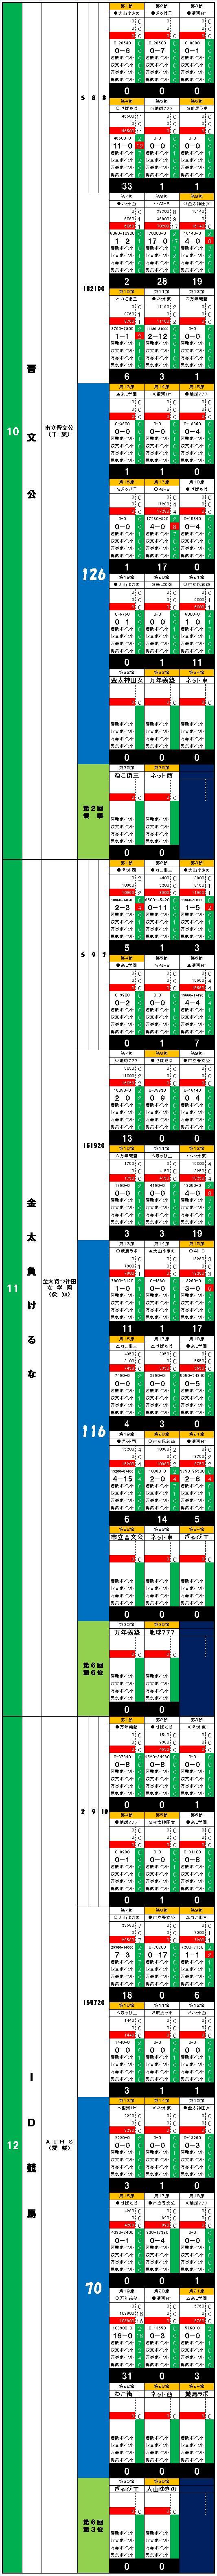 20160412・ダルマンリーグ第21節後半終了個人成績データ④.jpg